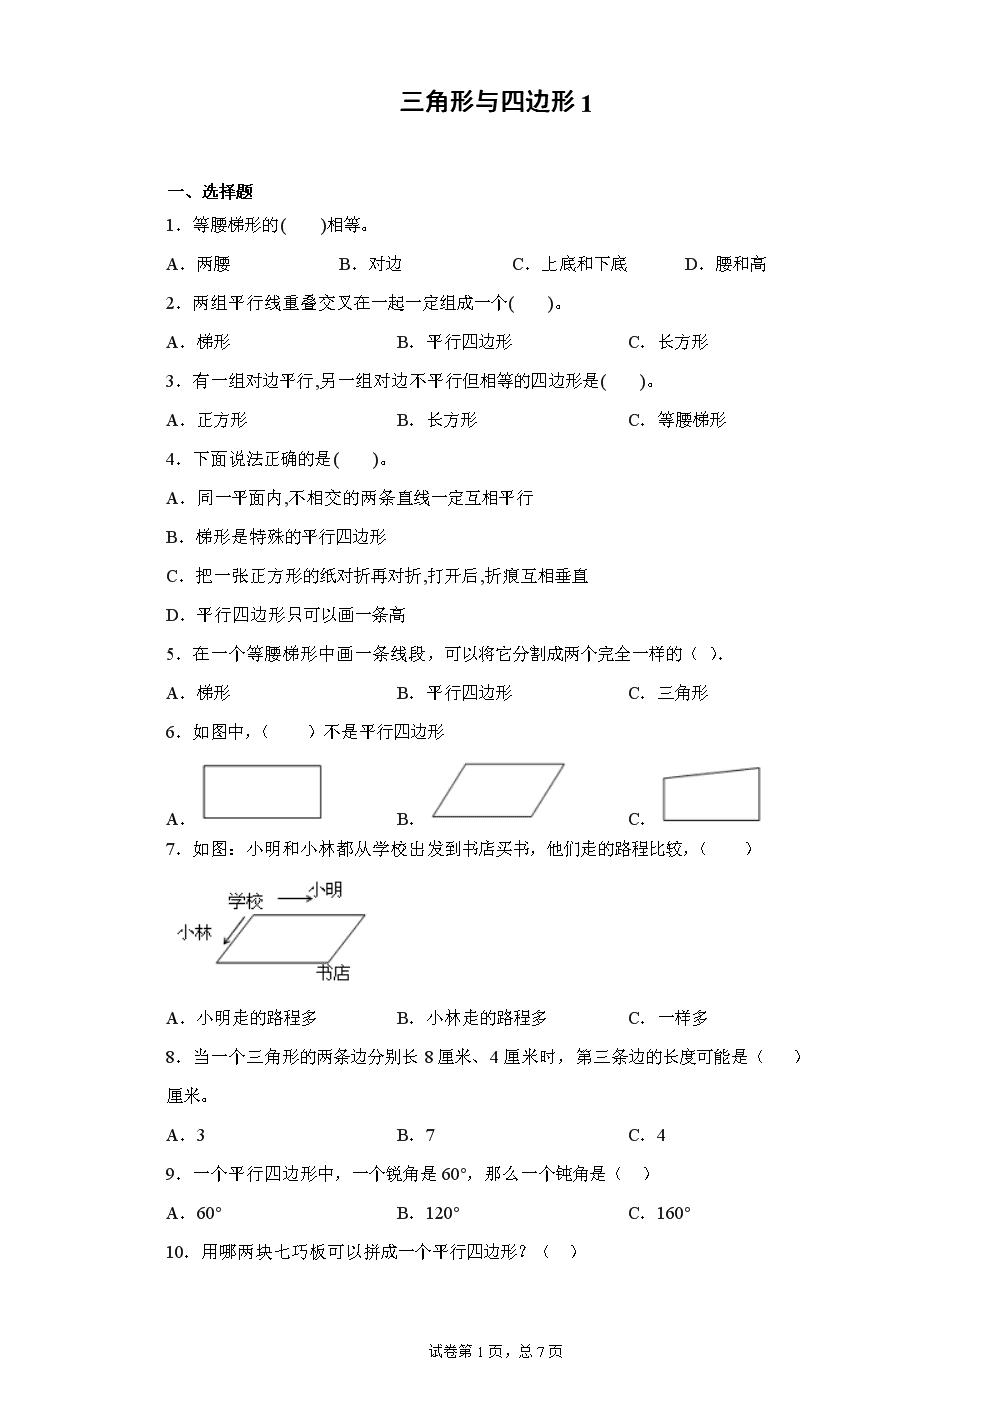 三角形与四边形第1卷四年级数学练习试题及答案_人教版,北师大通用版本.doc